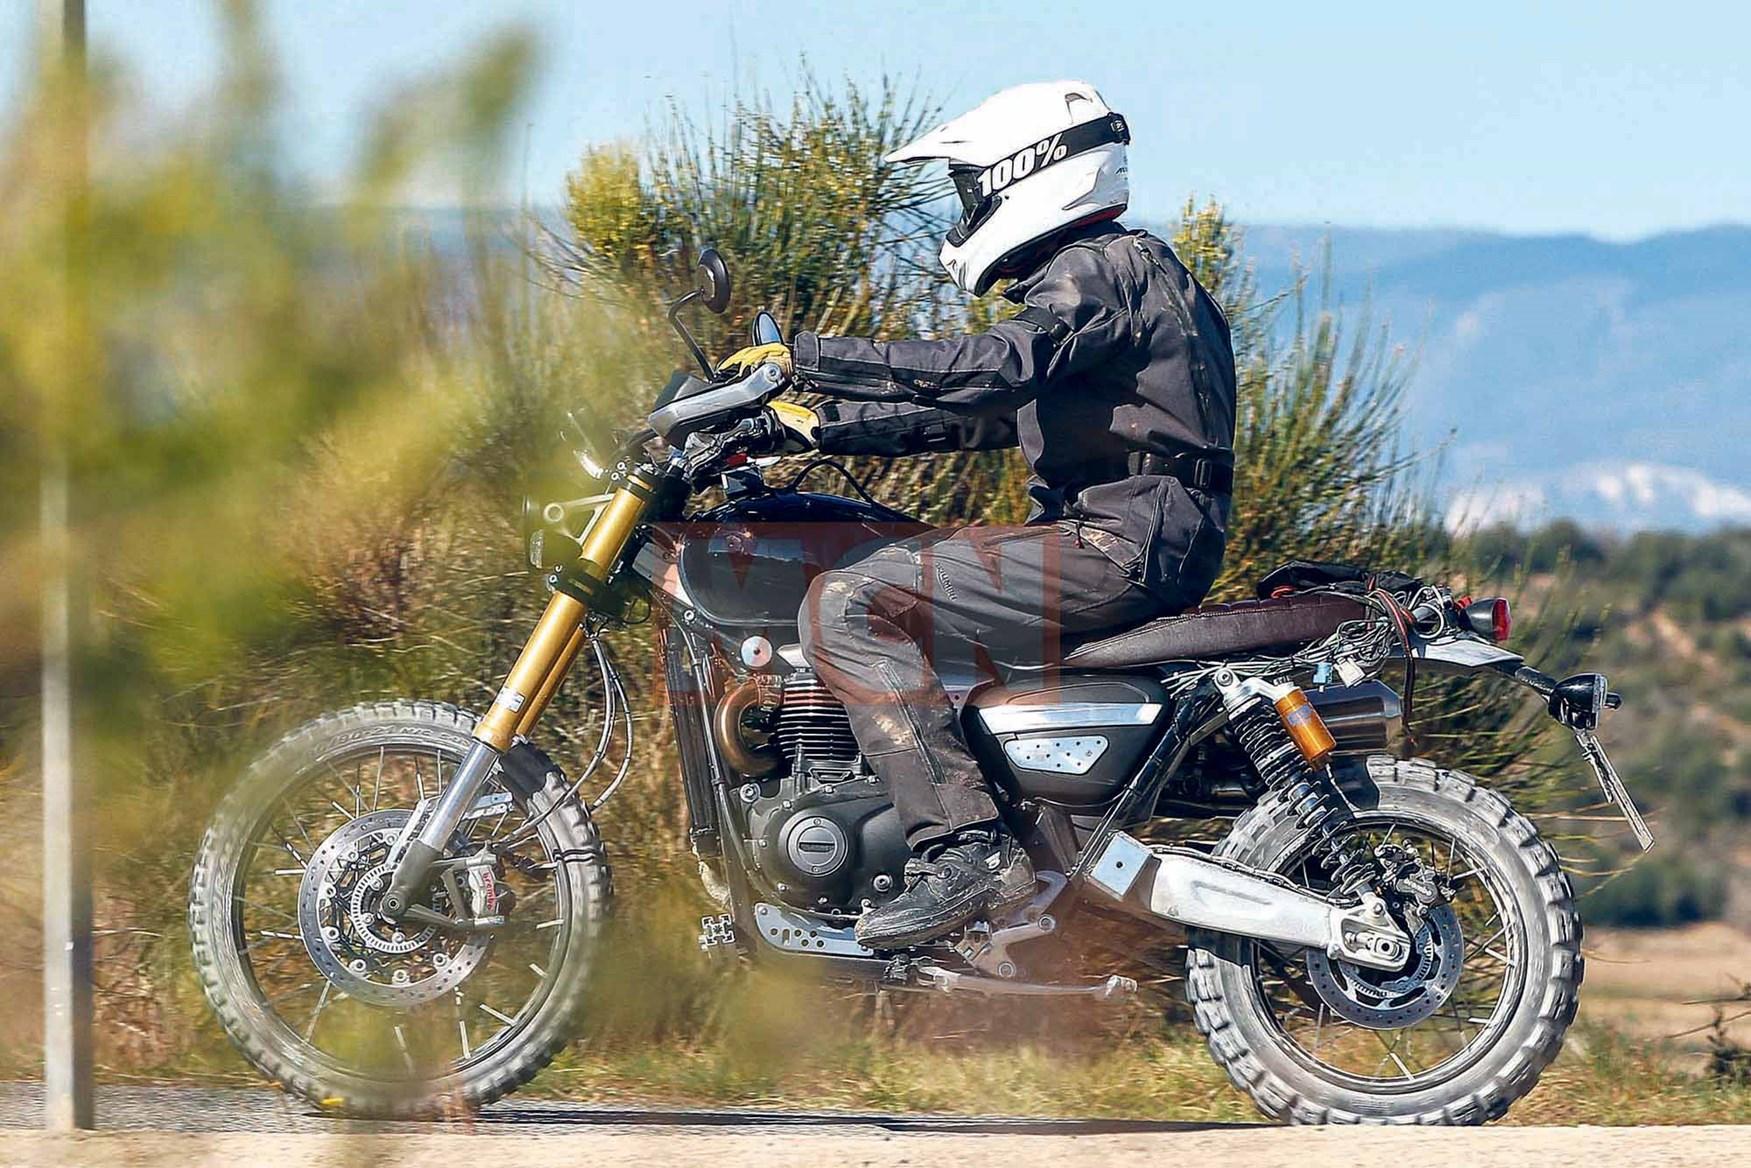 Lộ ảnh Triumph Scrambler mới 900cc 1200cc trên đường chạy thử - 1